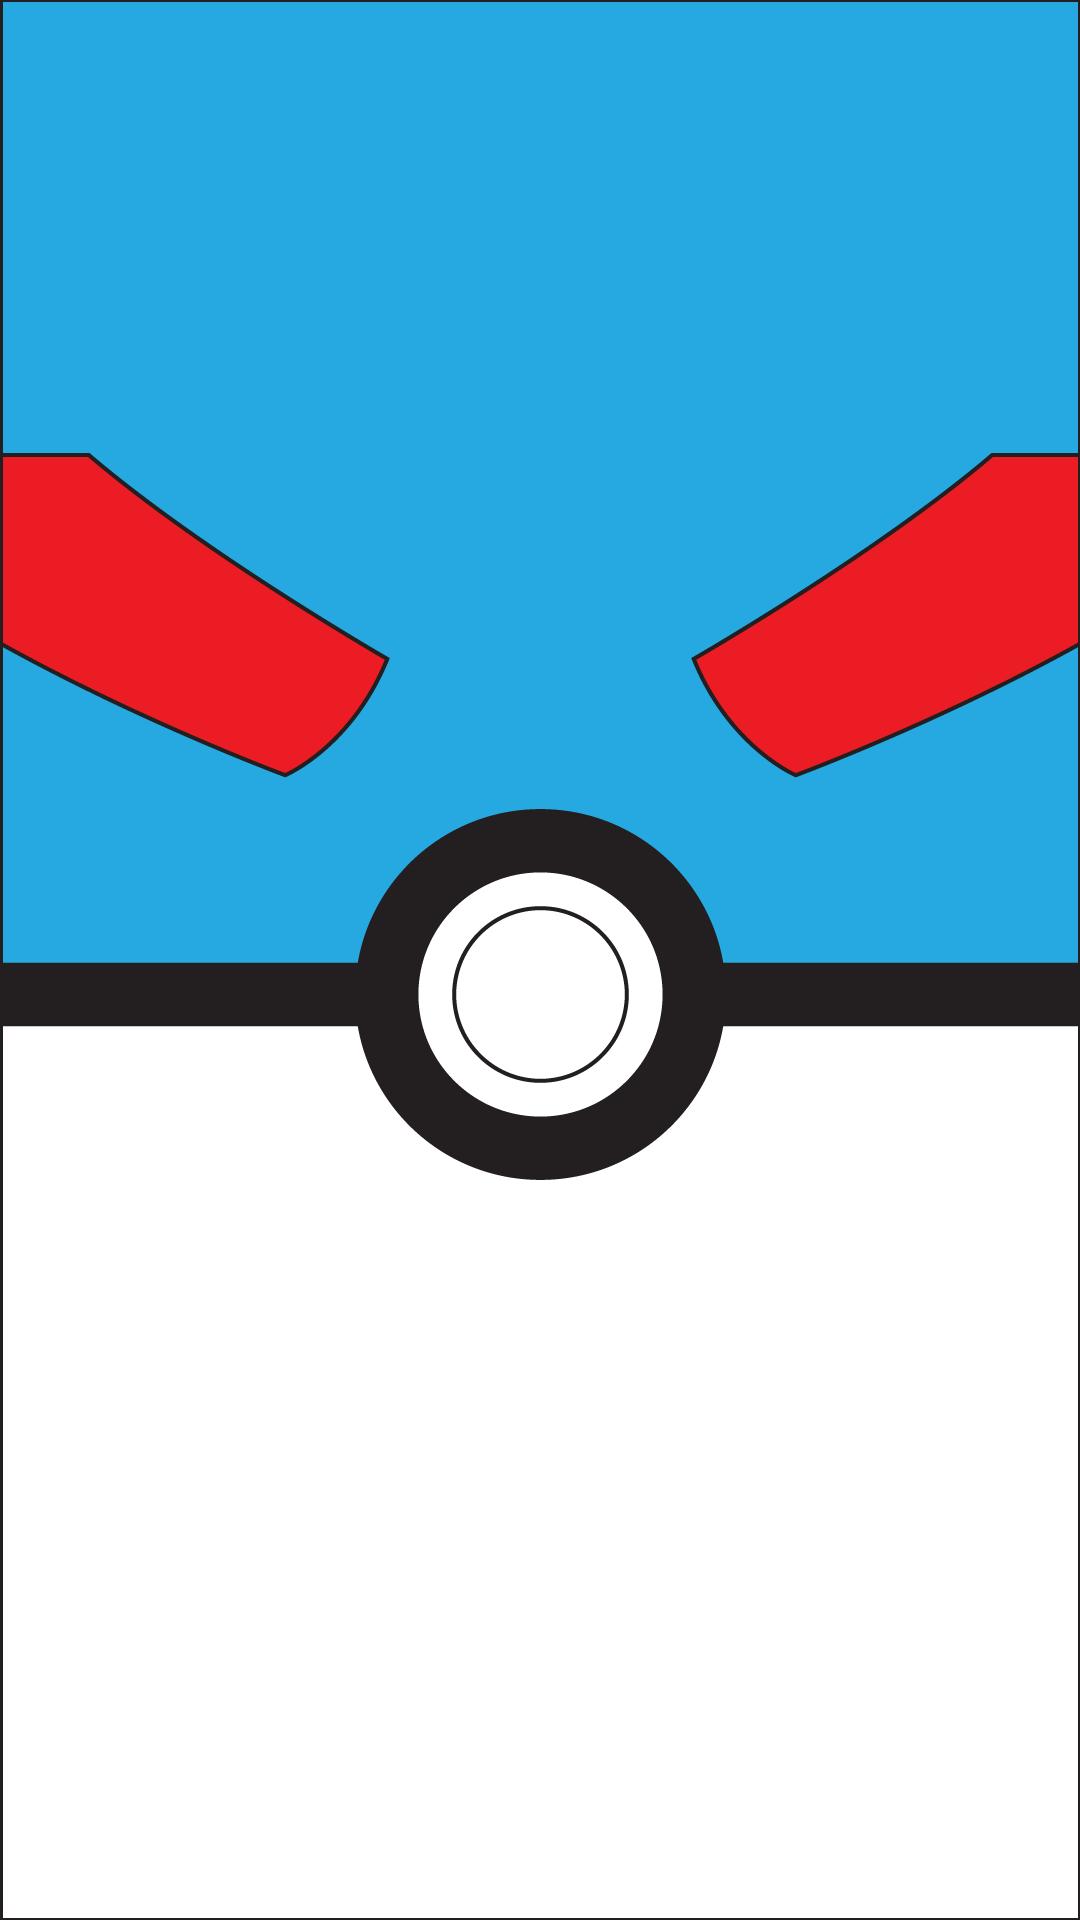 Great Ball Pokeball Pokemon Poke Ball Nintendo Minimalist Wallpaper Pokemon Ideias De Papel De Parede Ideias